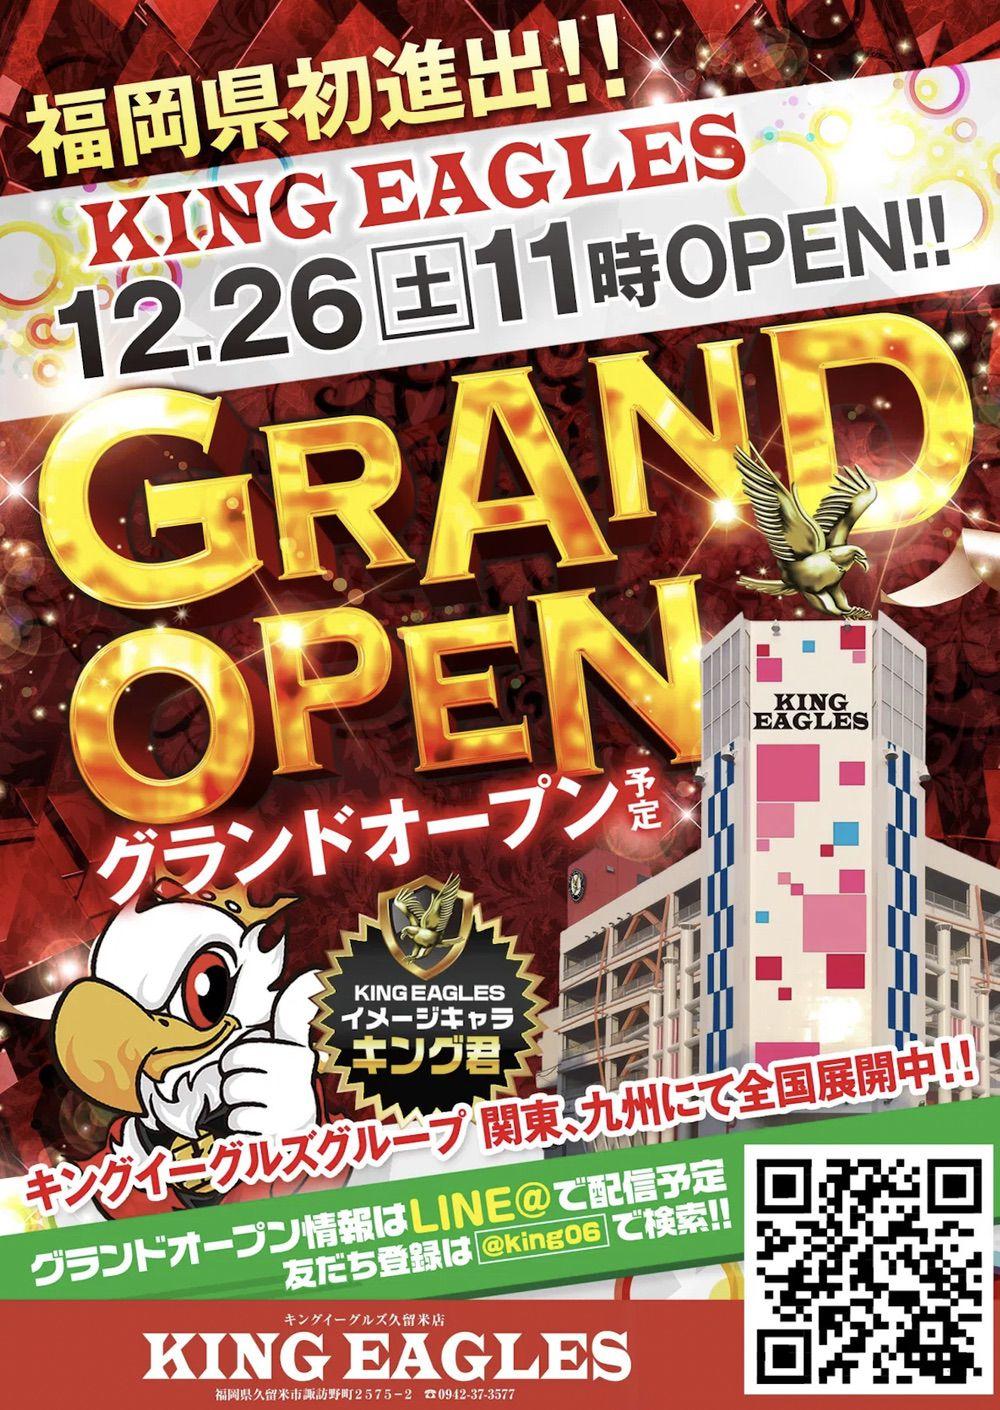 キングイーグルズ久留米店 久留米市諏訪野町にパチンコ店がオープン!